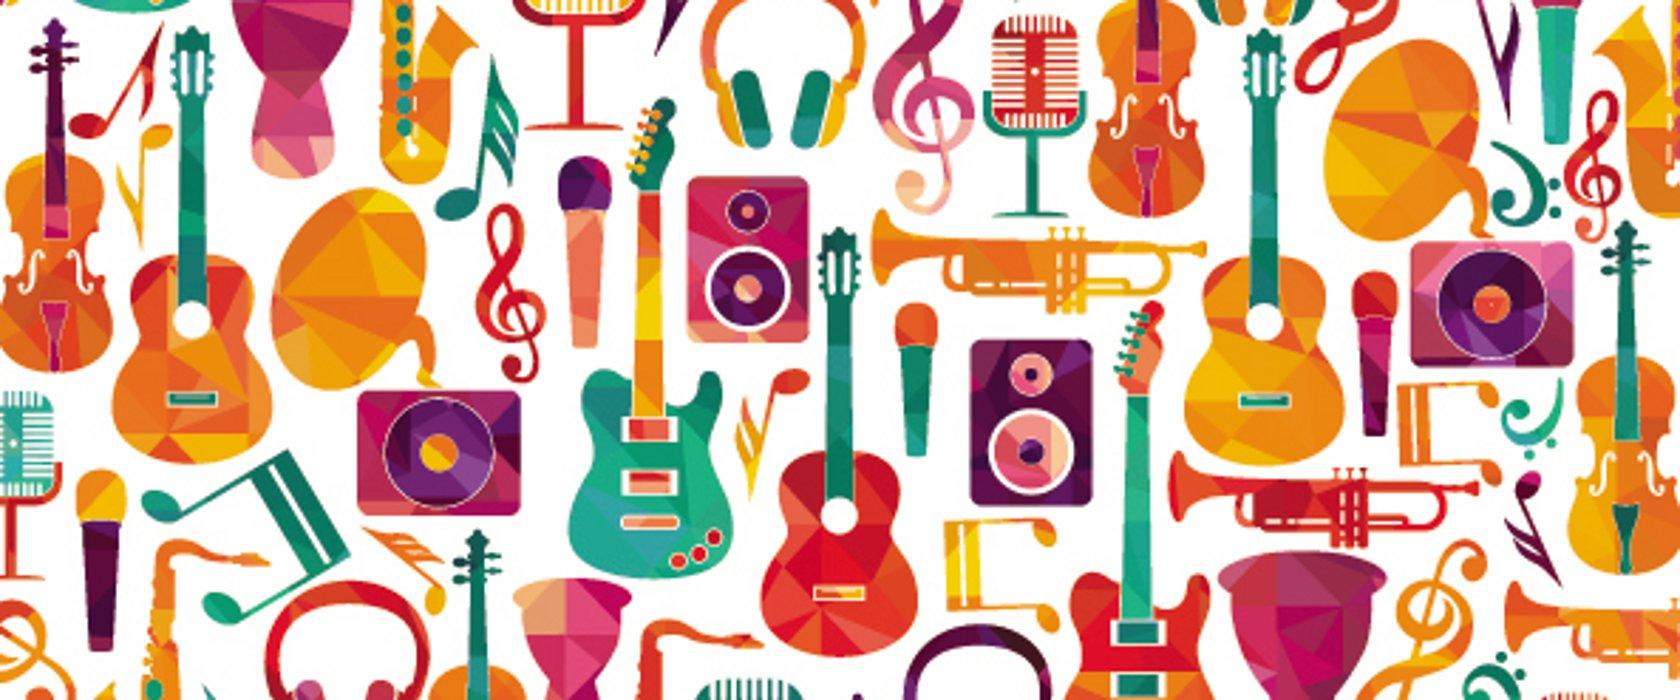 Dia-de-la-Musica.jpg